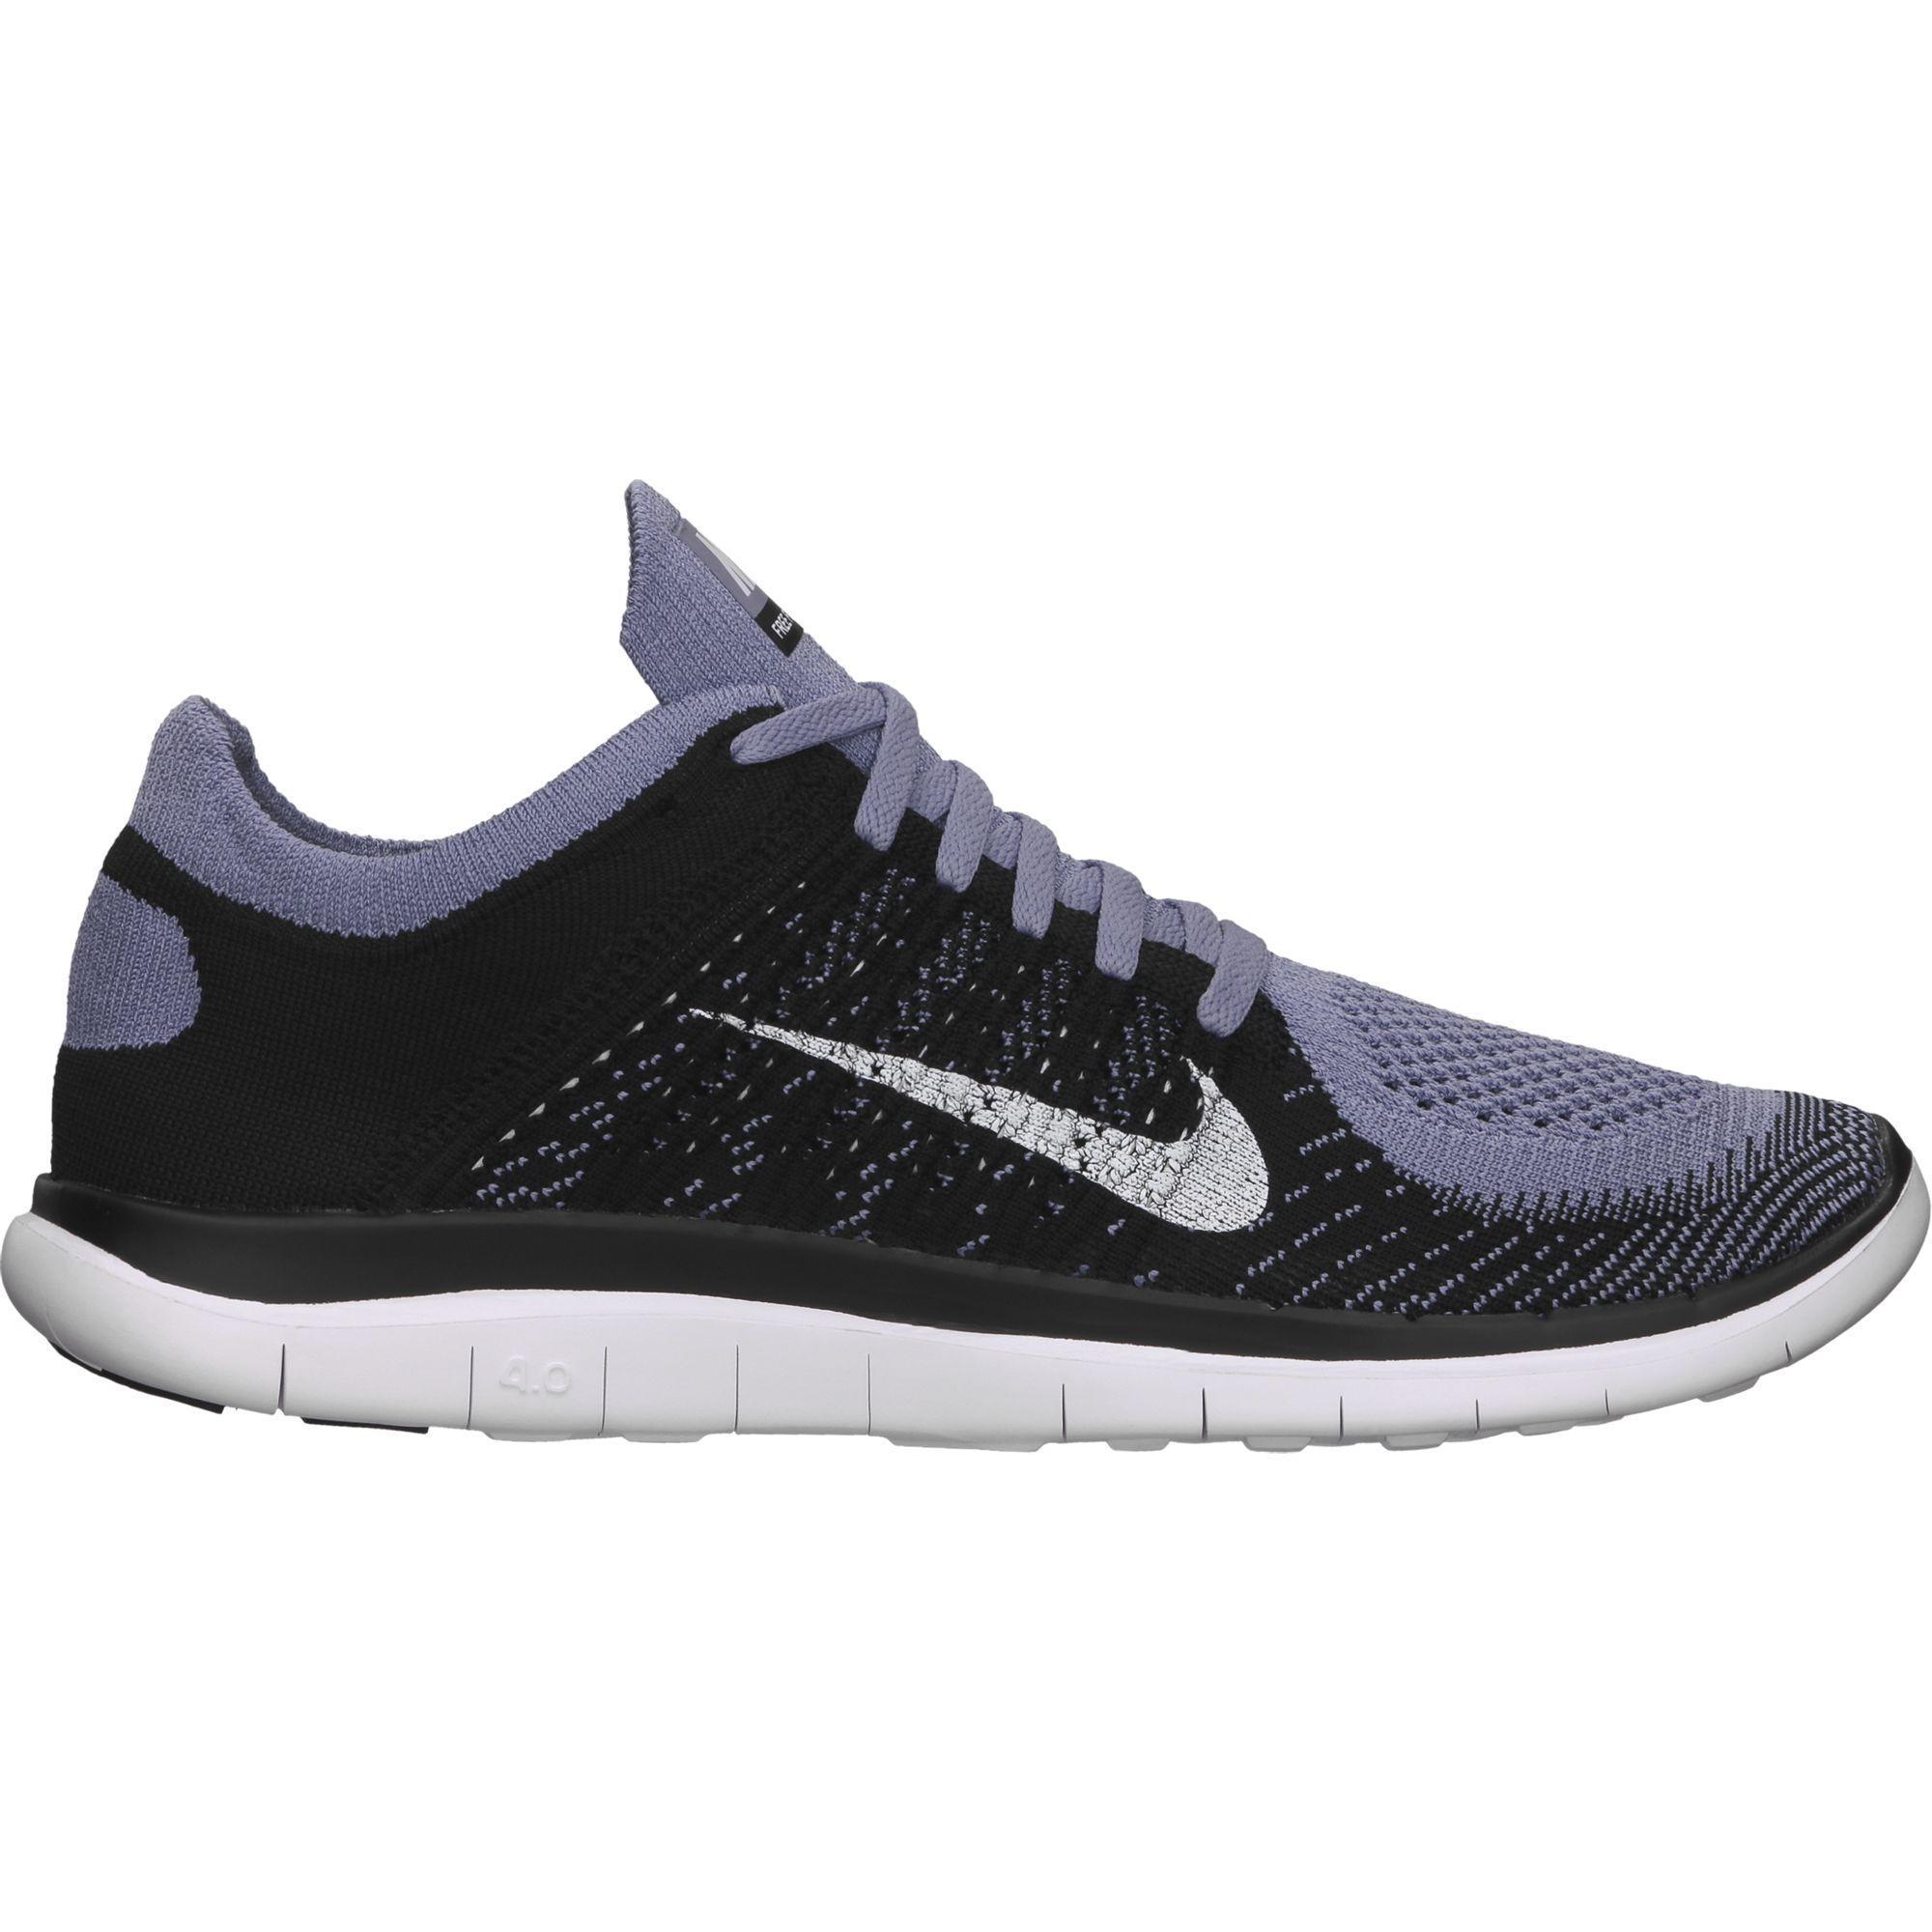 the latest ab88c a0e2f Nike Mens Free 4.0 FlyKnit - Purple Black - Tennisnuts.com